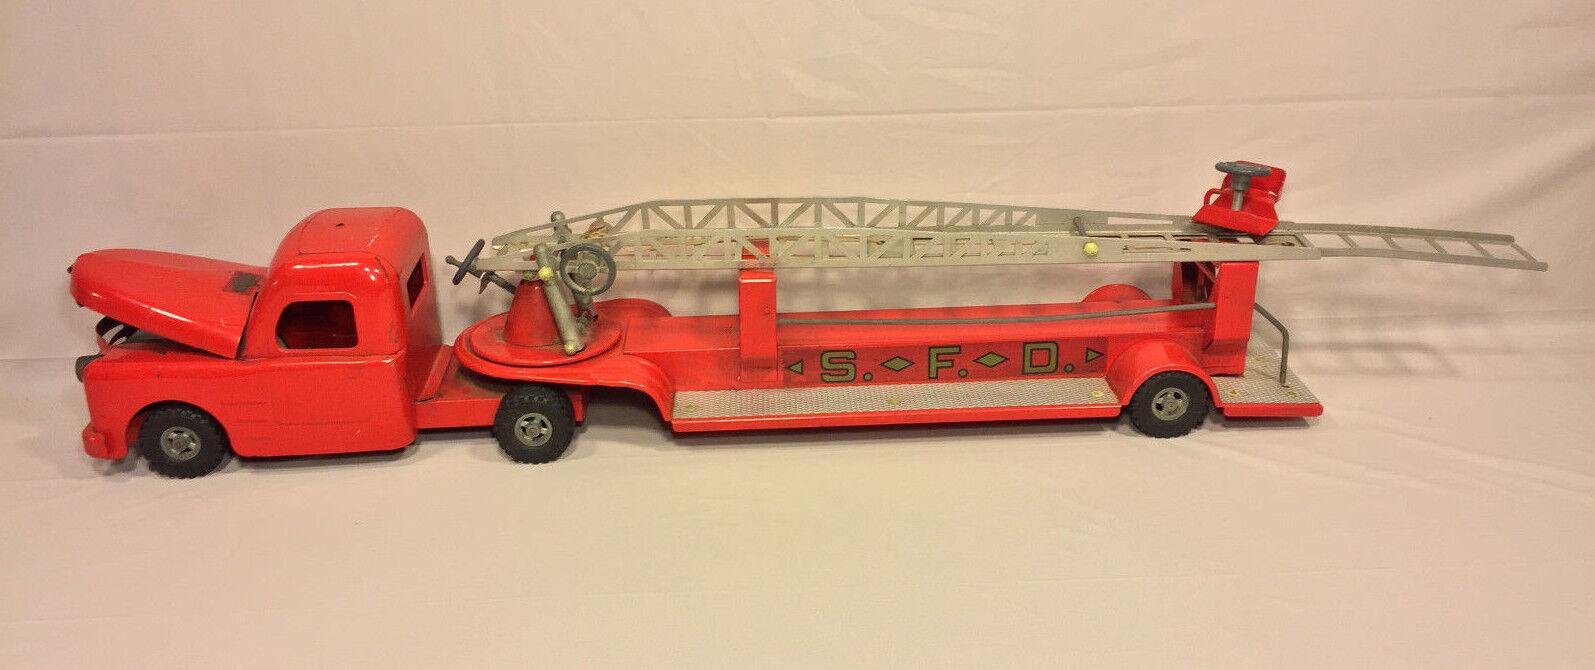 Vintage Structo camión de bomberos Gancho y escalera con compartimento del motor intacto